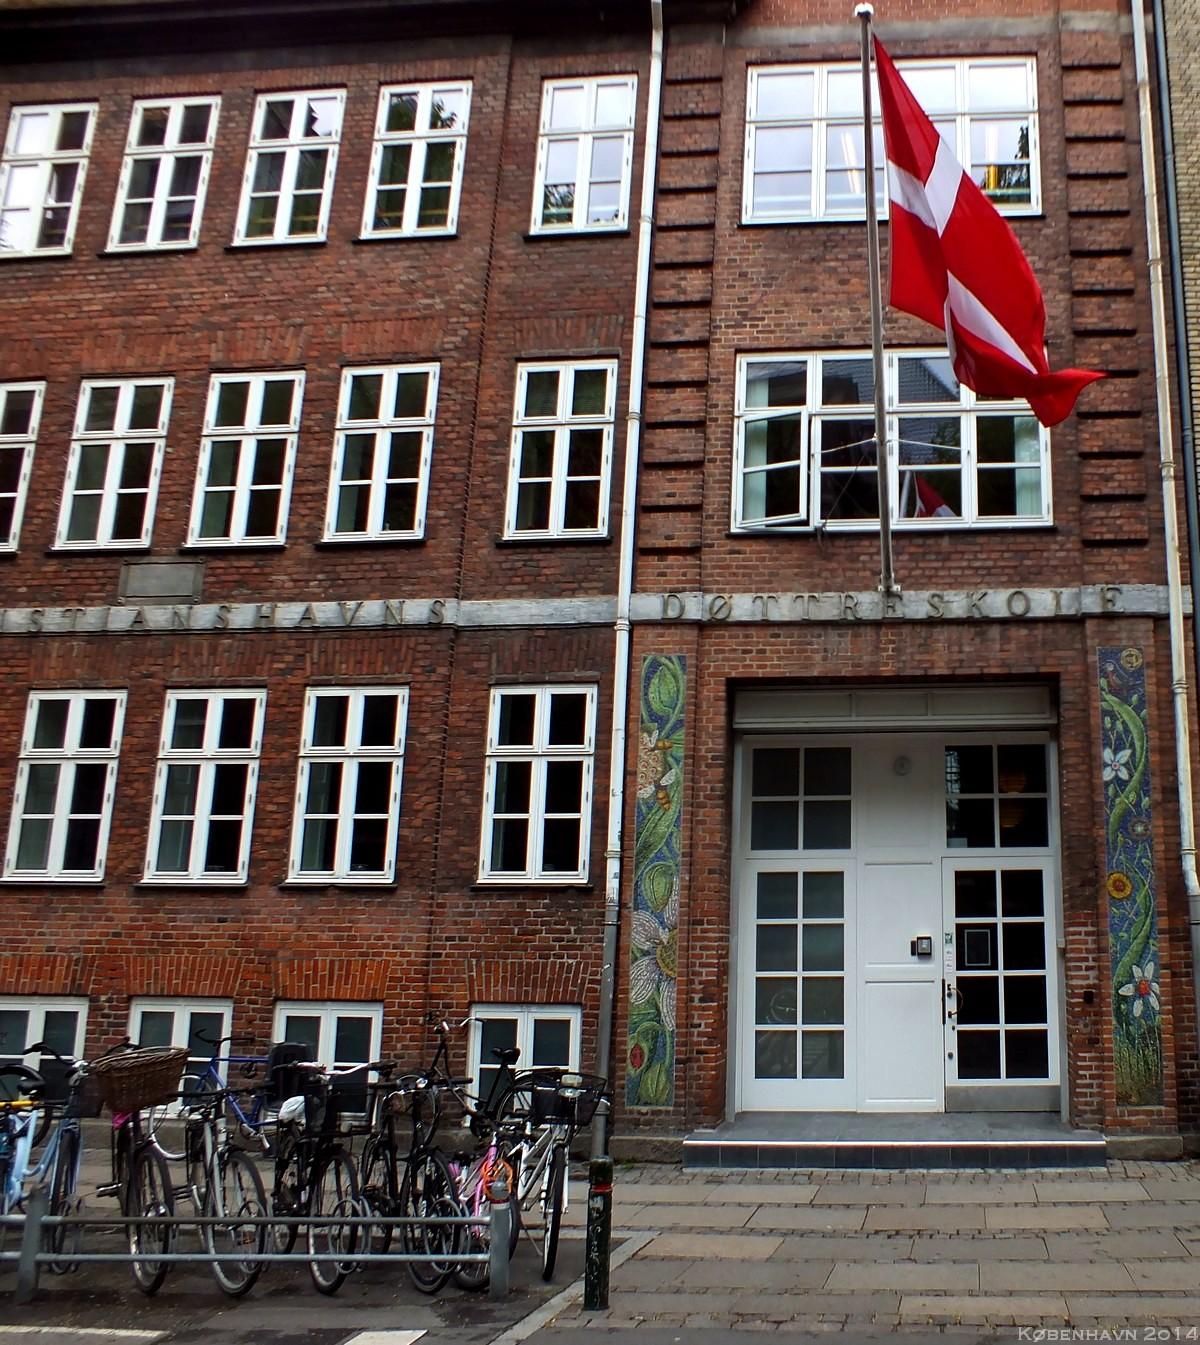 Skole, København, Denmark